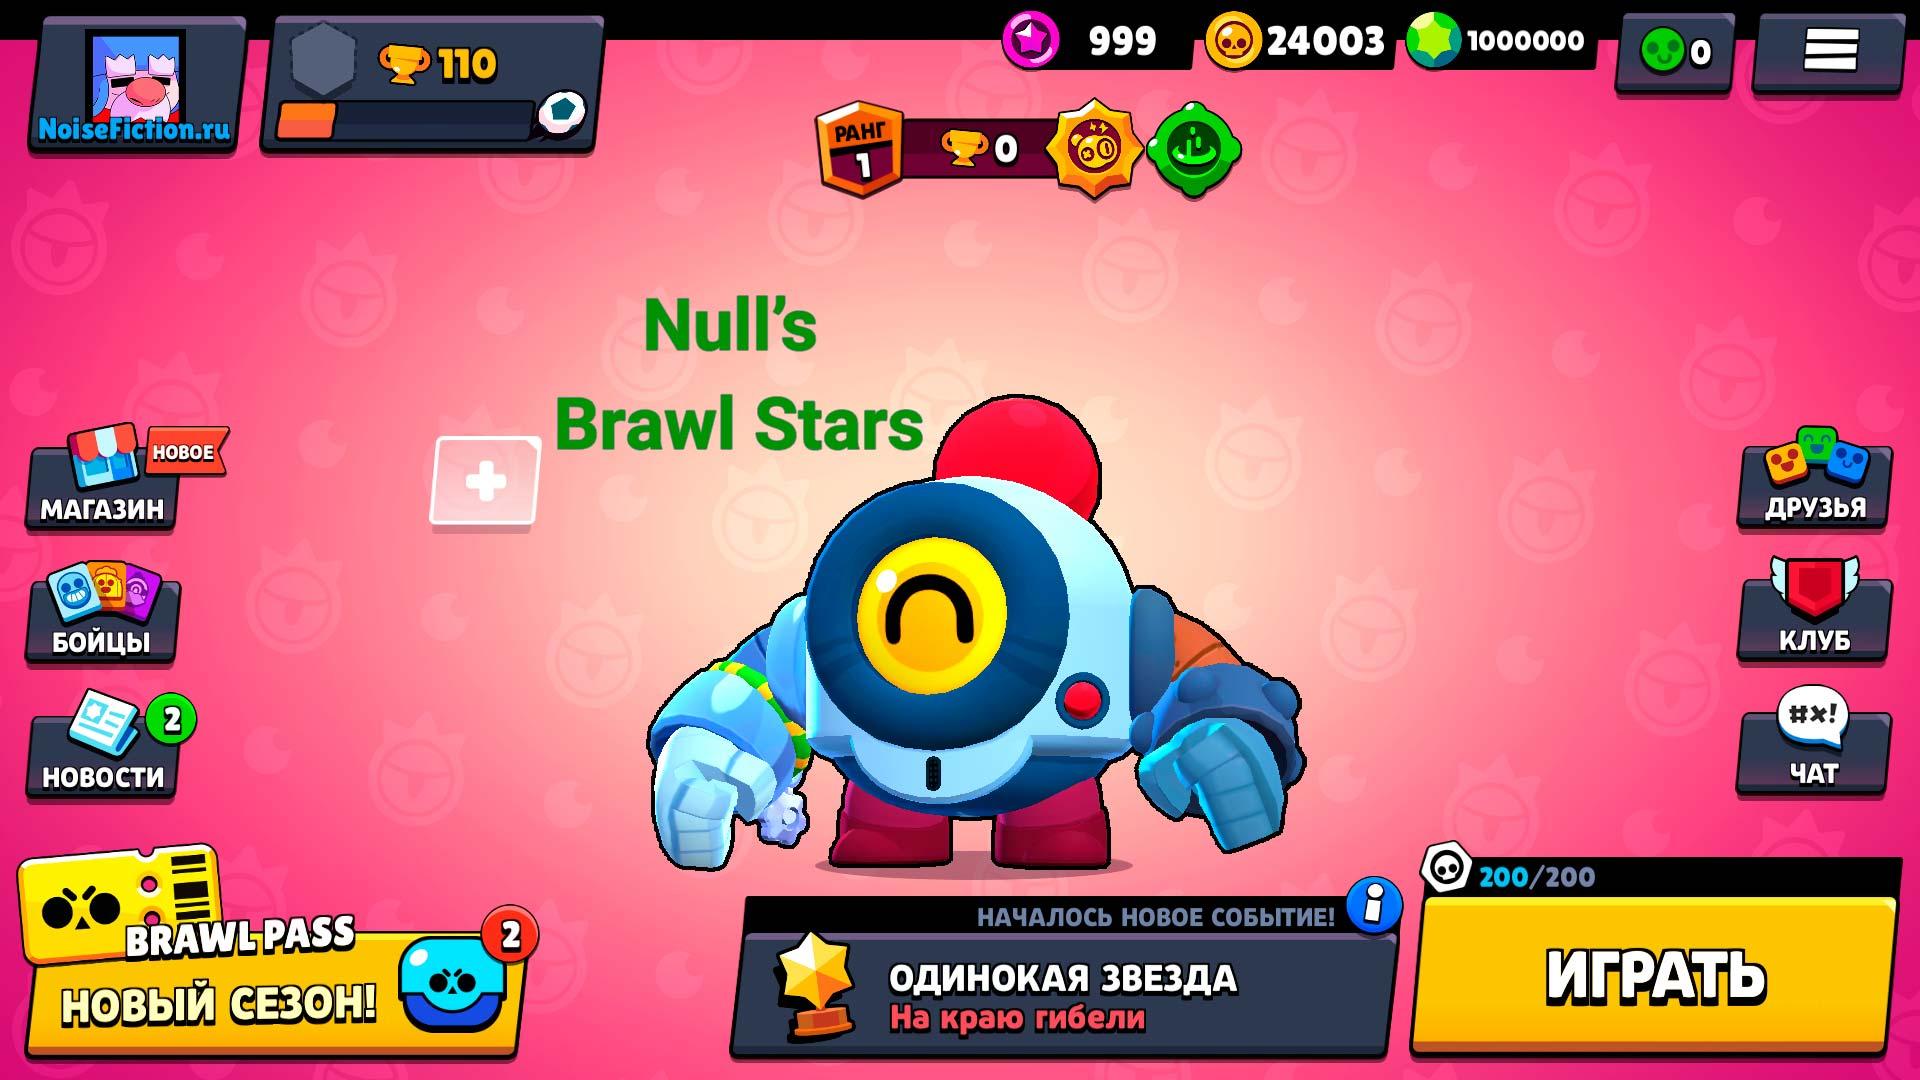 nulls-brawl-stars-nani.jpg